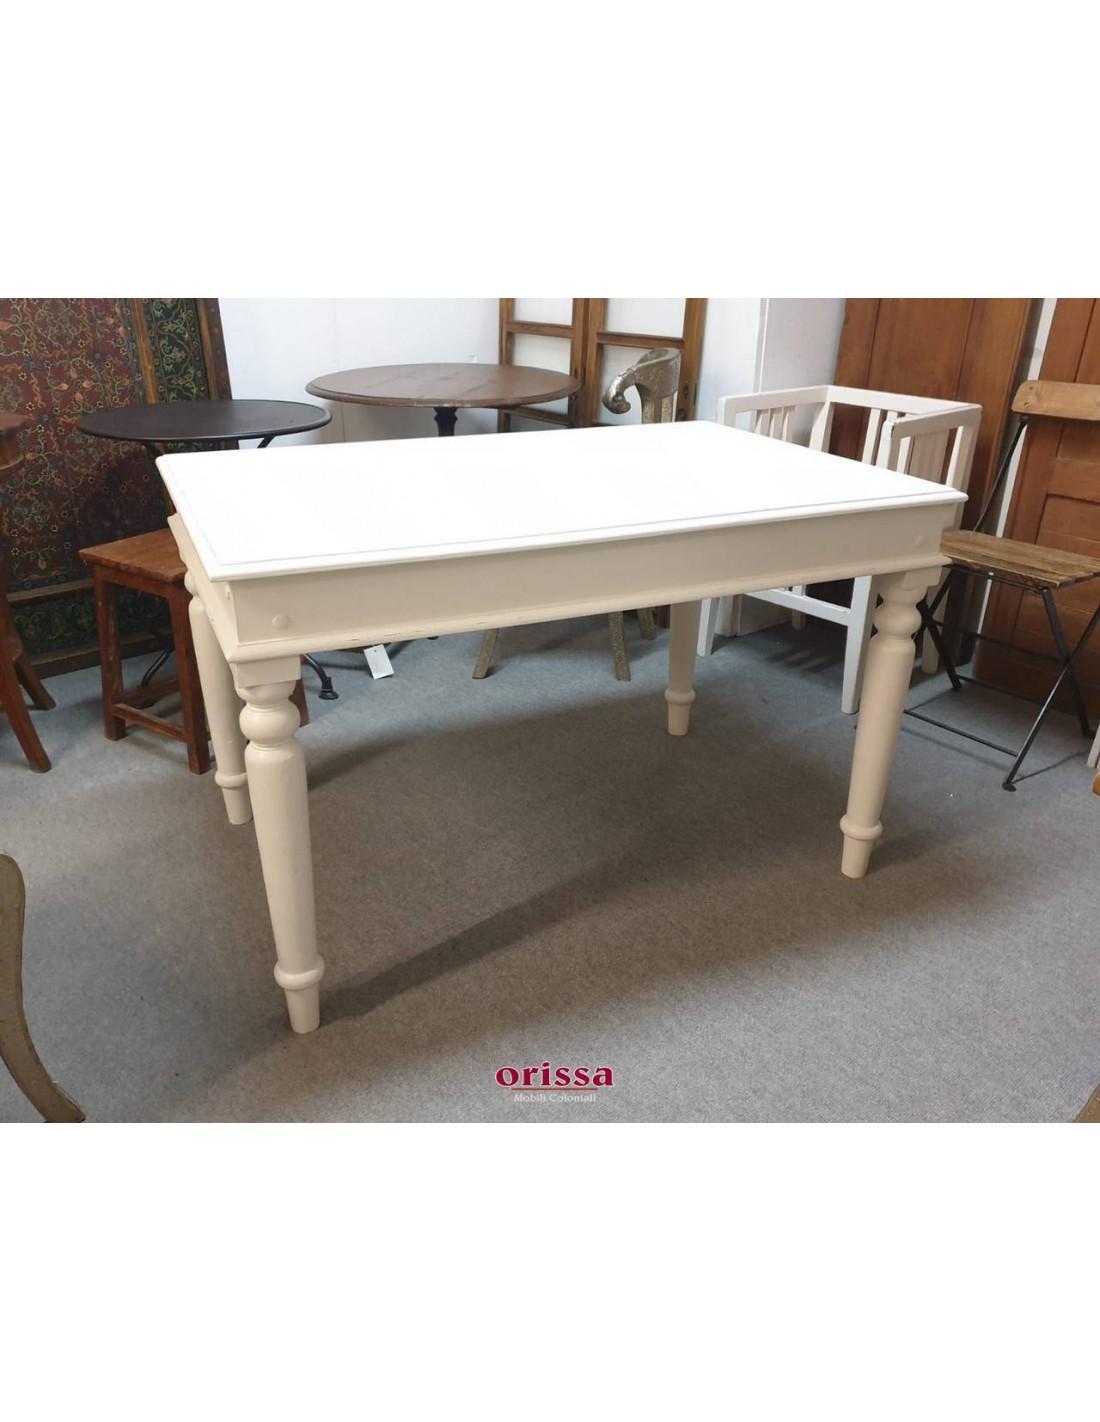 Tavolo Bianco In Legno tavolo takat indiano bianco decapato or044b-120 - orissa mobili coloniali